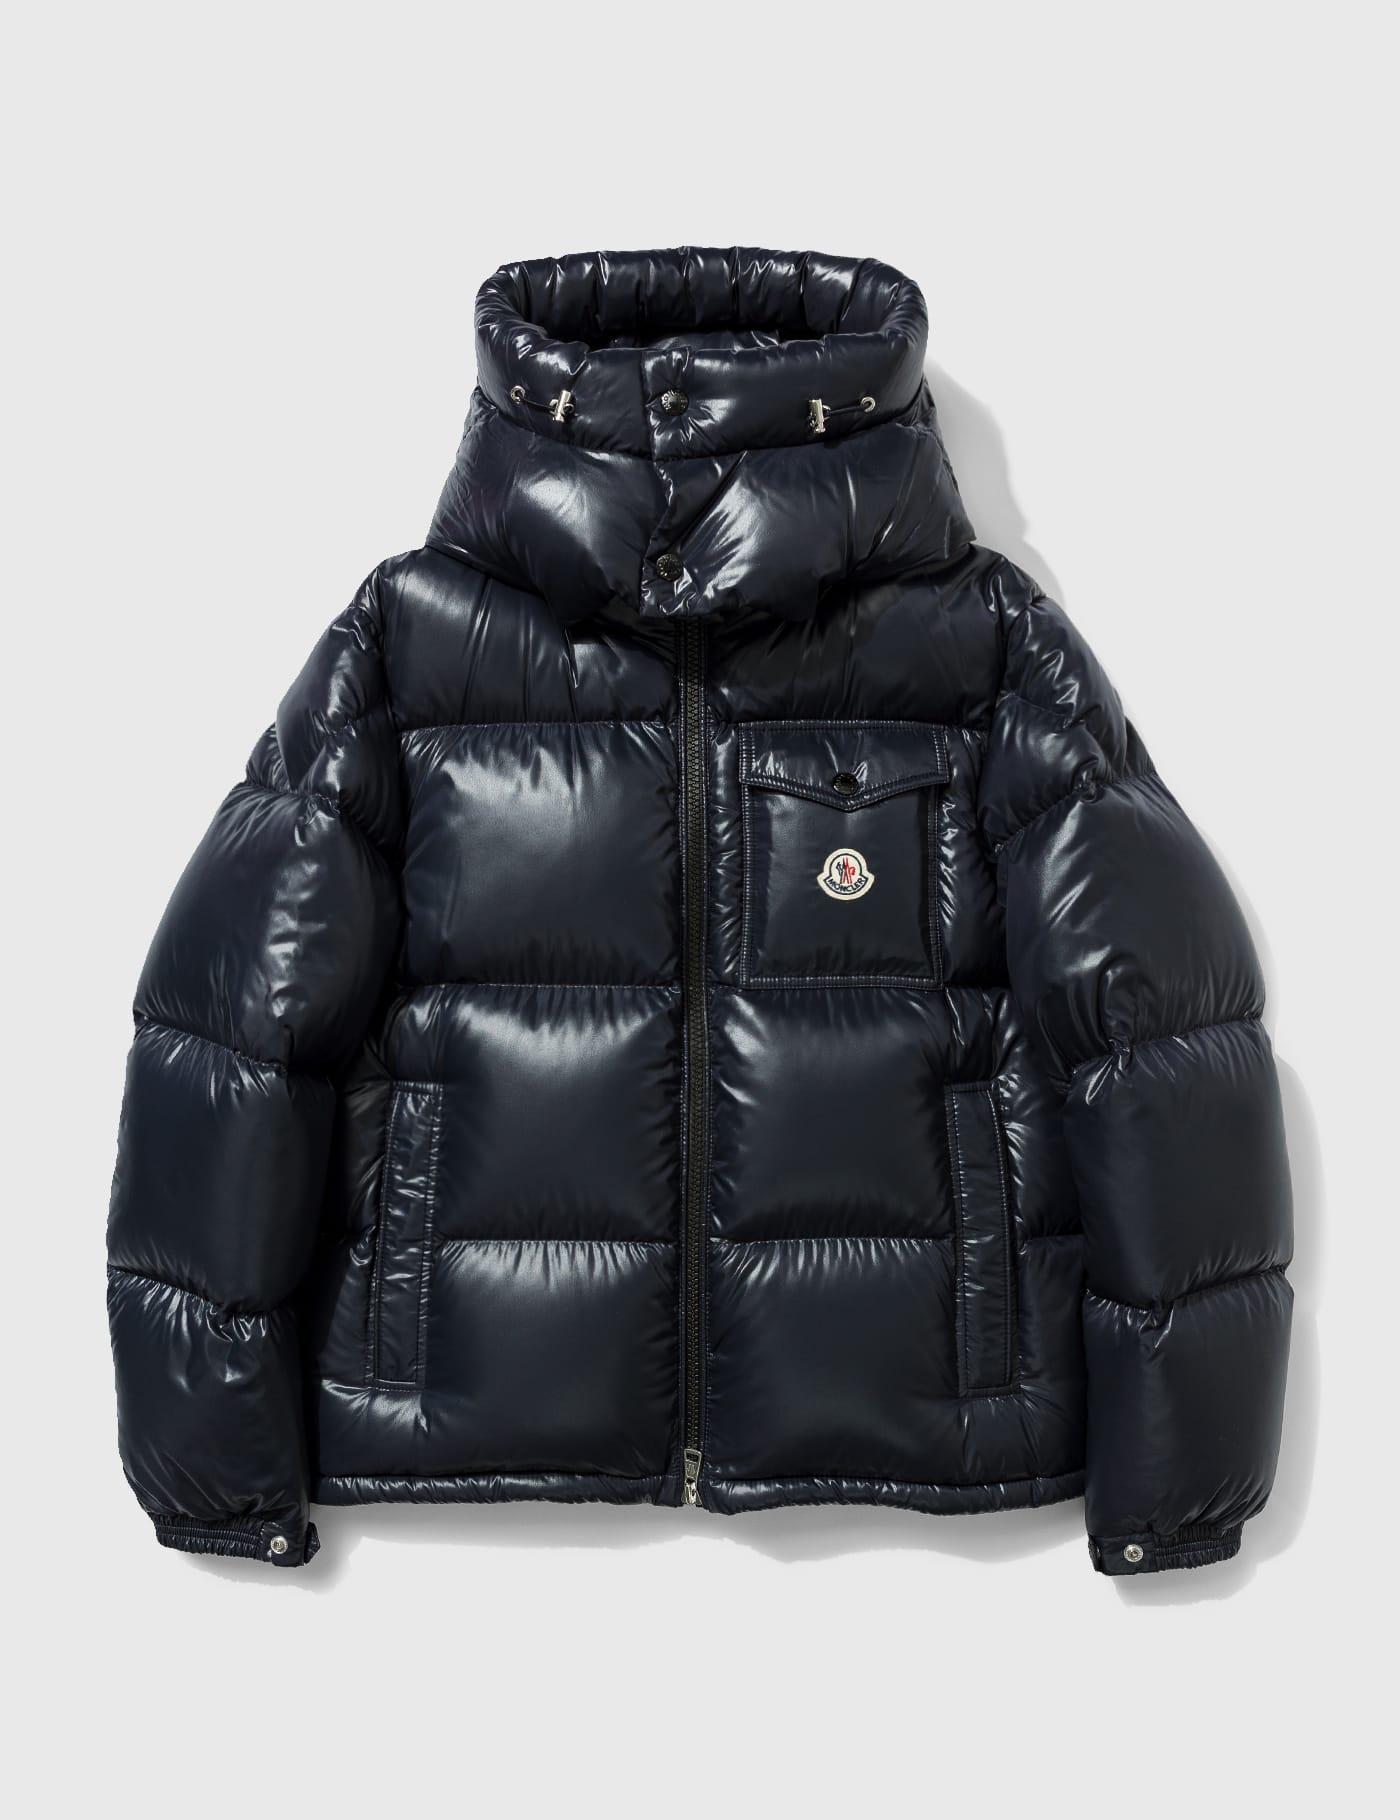 몽클레어 맨 숏패딩 Moncler Montbeliard Jacket